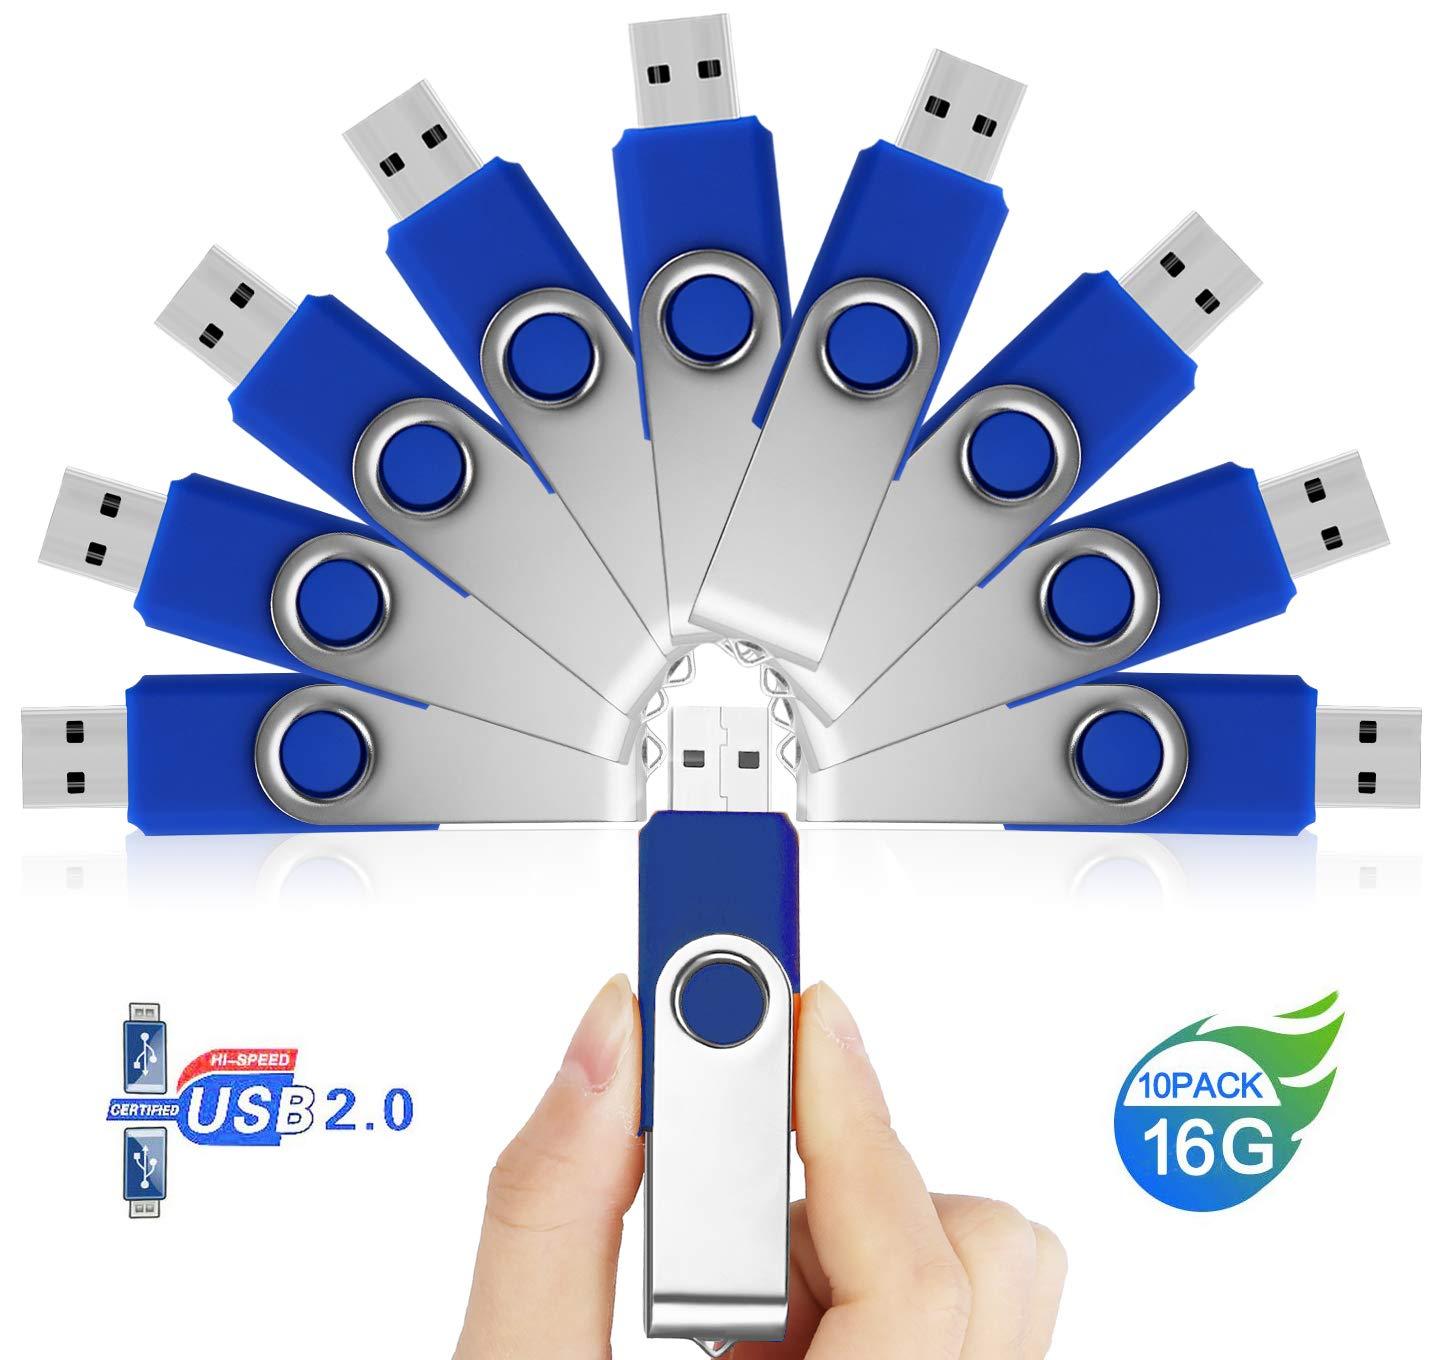 10 Piezas Memorias USB Pendrive 16GB – JUYUKEJI Pen Drive Flash Drive Almacenamiento Externo de Datos Digitales con Clave de Acceso para PC, Smart TV, Tablet, Ordenador, Mac, Coche (Azul): Amazon.es: Electrónica